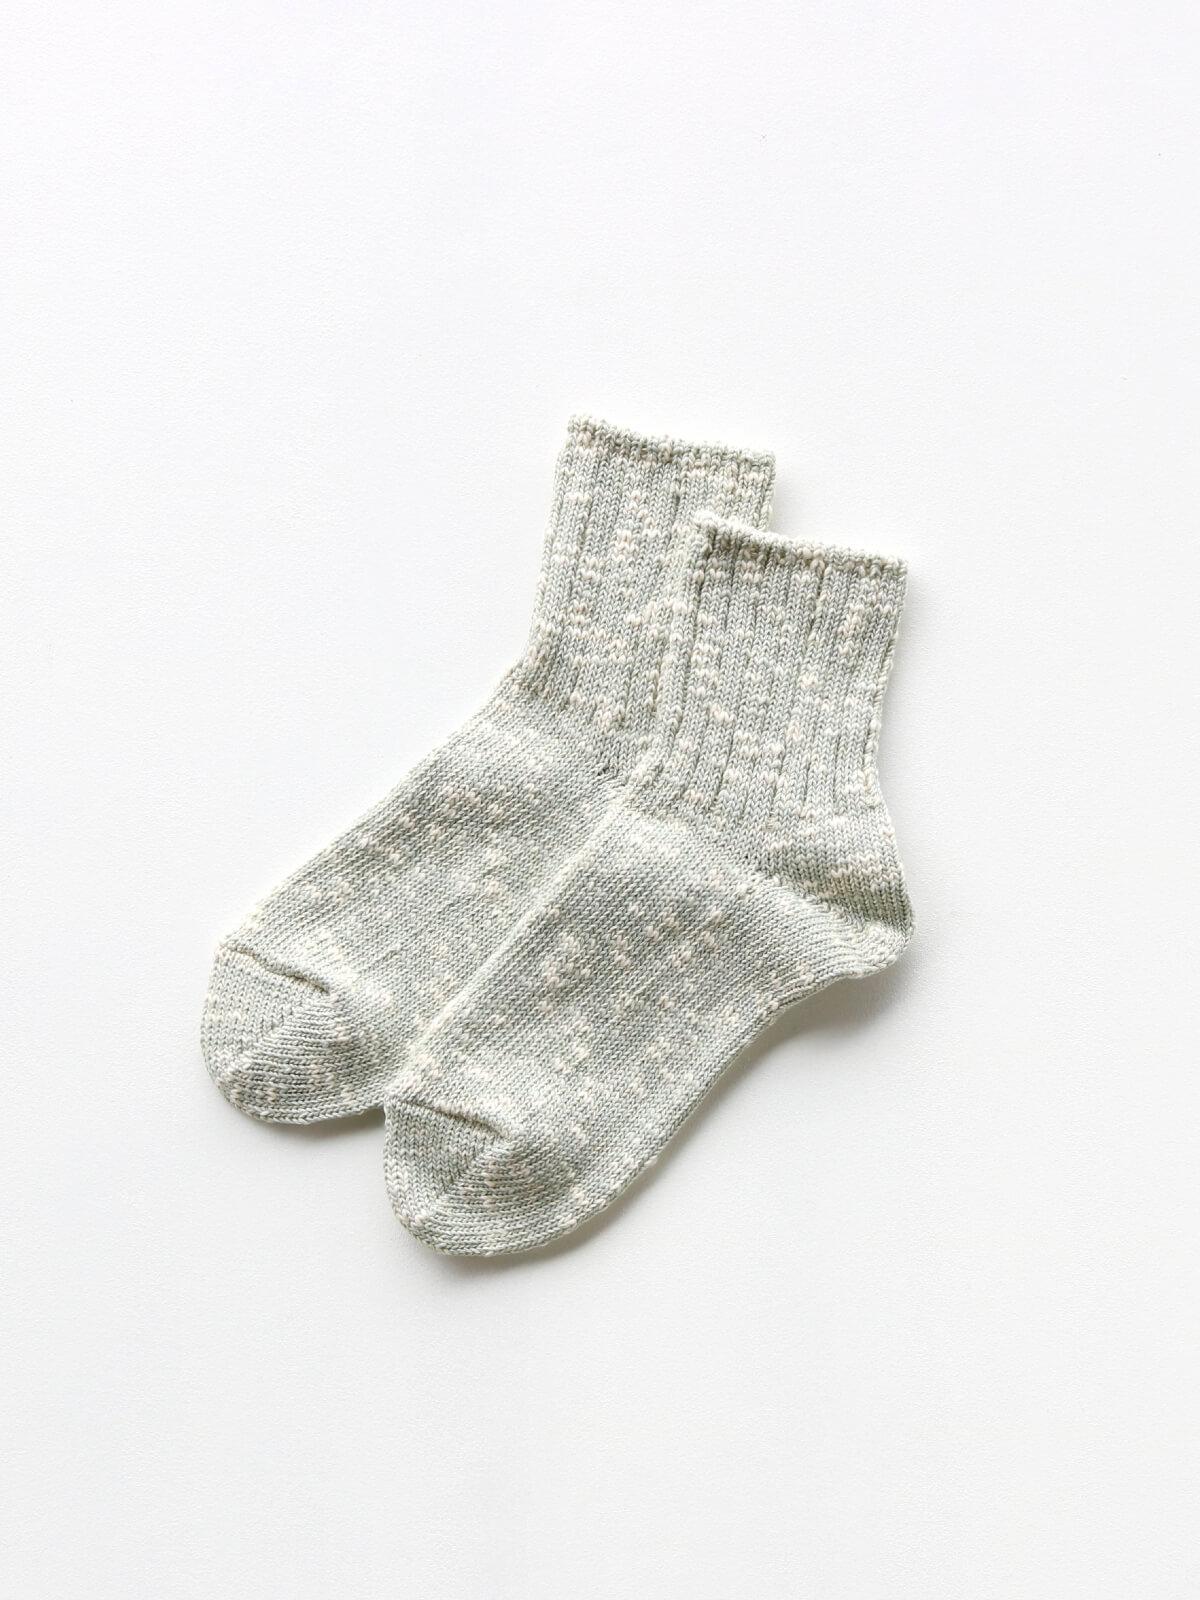 当たりつきギフト専用靴下のLUCKY SOCKS(ラッキーソックス)のMix Ankle Socks(ミックスアンクルソックス)のペールミント_2